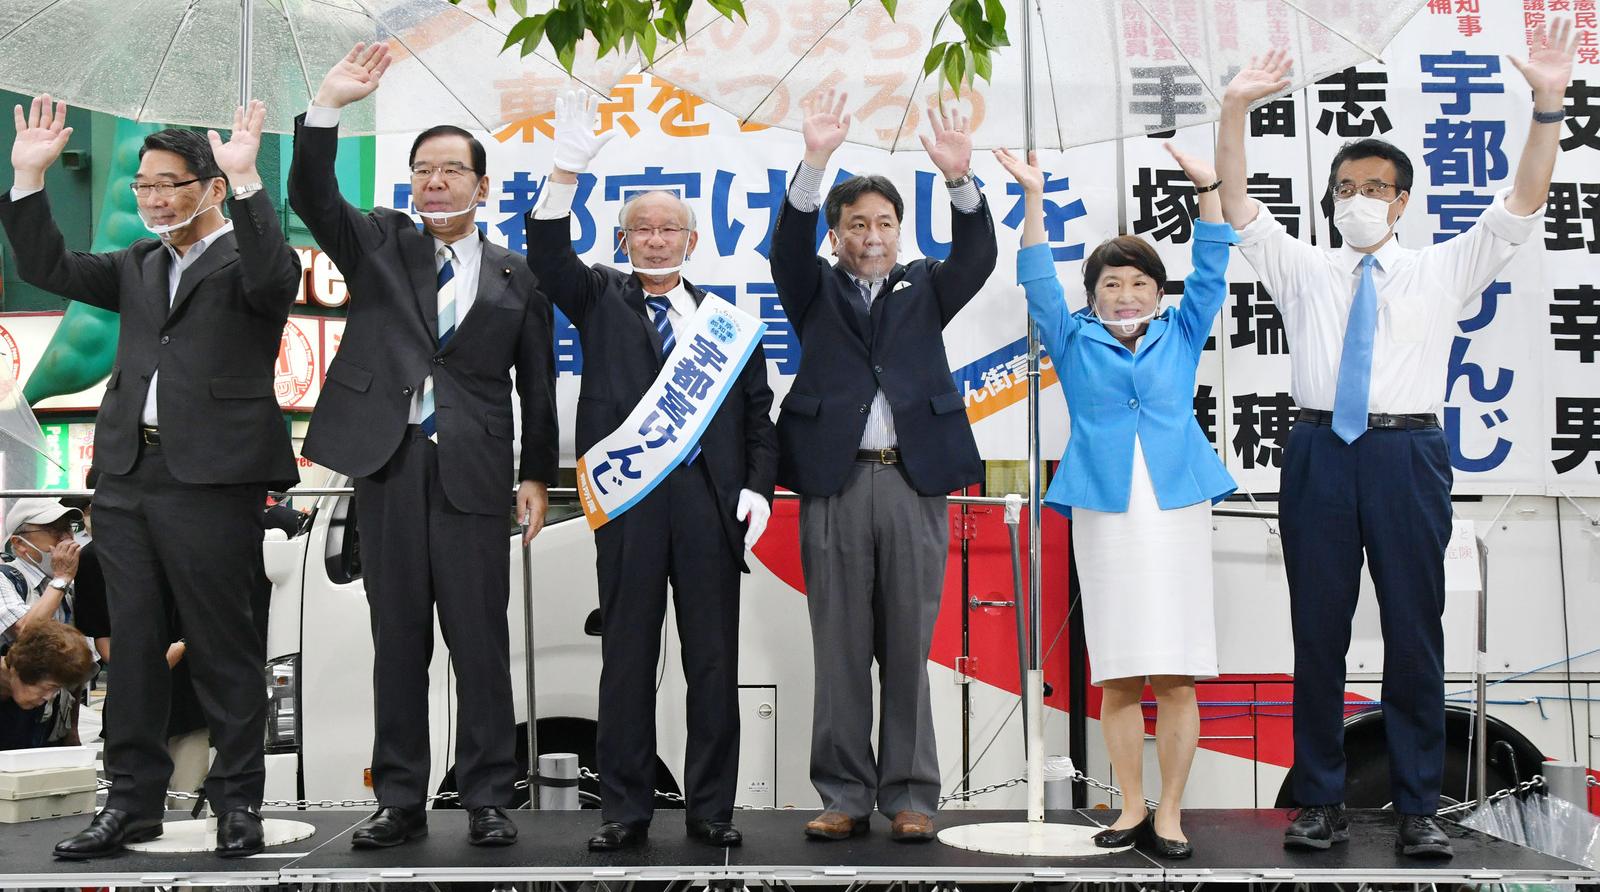 声援に応える(左から)前川、志位、宇都宮、枝野、福島、岡田の各氏